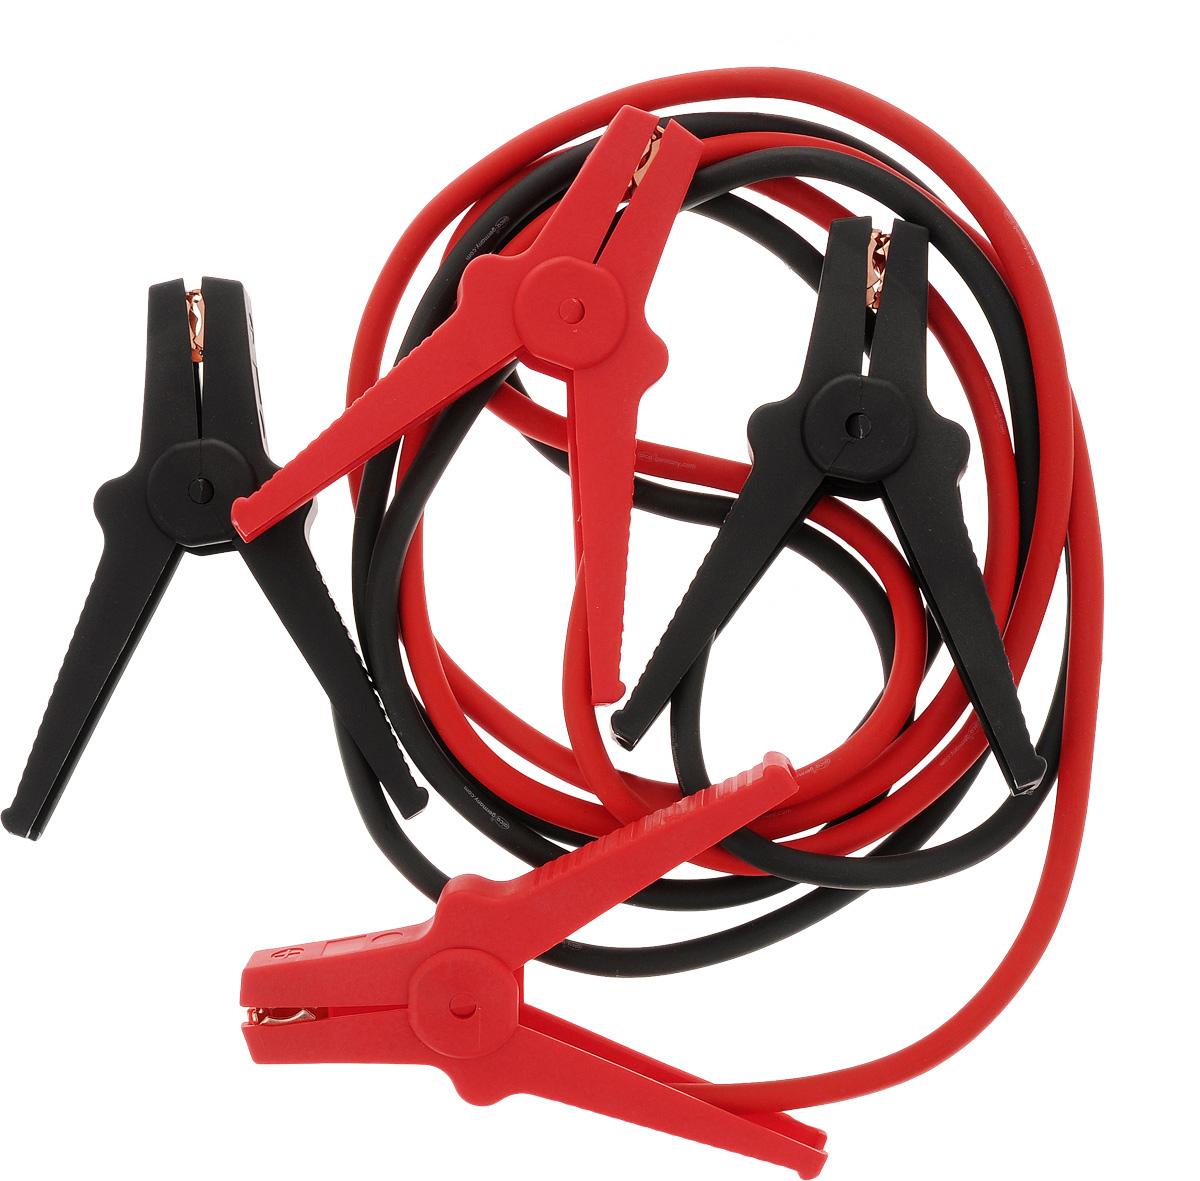 Старт-кабель Alca, CCA 200 А, длина 2,5 м2012506200400Старт-кабель Alca выполнены из алюминия с медным покрытием. Зажимы полностью изолированы. Руководство по эксплуатации: Присоединение.Кабель с красными зажимами присоединить к плюсовой клемме разряженного аккумулятора, затем присоединить к плюсовой клемме аккумулятора, от которого производится пуск. Кабель с черными зажимами подключить к минусовой клемме аккумулятора, от которой производится пуск и к массе автомобиля с разряженной батареей, например к кабелю массы либо к не изолированной точке моторного блока, причем на максимальном удалении от аккумулятора, которым производится пуск для избежания возможного возгорания образующегося разрядного газа.Пуск.После присоединения проводов стартер-кабеля запустить двигатель автомобиля, от которого производится пуск, и установить средние обороты. Запустить двигатель автомобиля с разряженным аккумулятором. После каждой попытки запуска двигателя, длительность которого не должна превышать 15 секунд, необходима пауза около 1 минуты. После успешного запуска двигателя продолжить 2-3 минуты до устойчивой работы.Отсоединение:Отсоединение производиться в обратном от присоединения порядке. Сначала отсоединяется черный зажим от кабеля массы либо моторного блока автомобиля с разряженным аккумулятором. Затем отключить оба красных зажимав произвольном порядке. При отсоединении проводов стартер-кабеля обращать внимание на исключение контакта стартер-кабеля с возвращающимся частями двигателя.Выдерживает температуру от +150°С до -50°С.В комплект входит сумка.